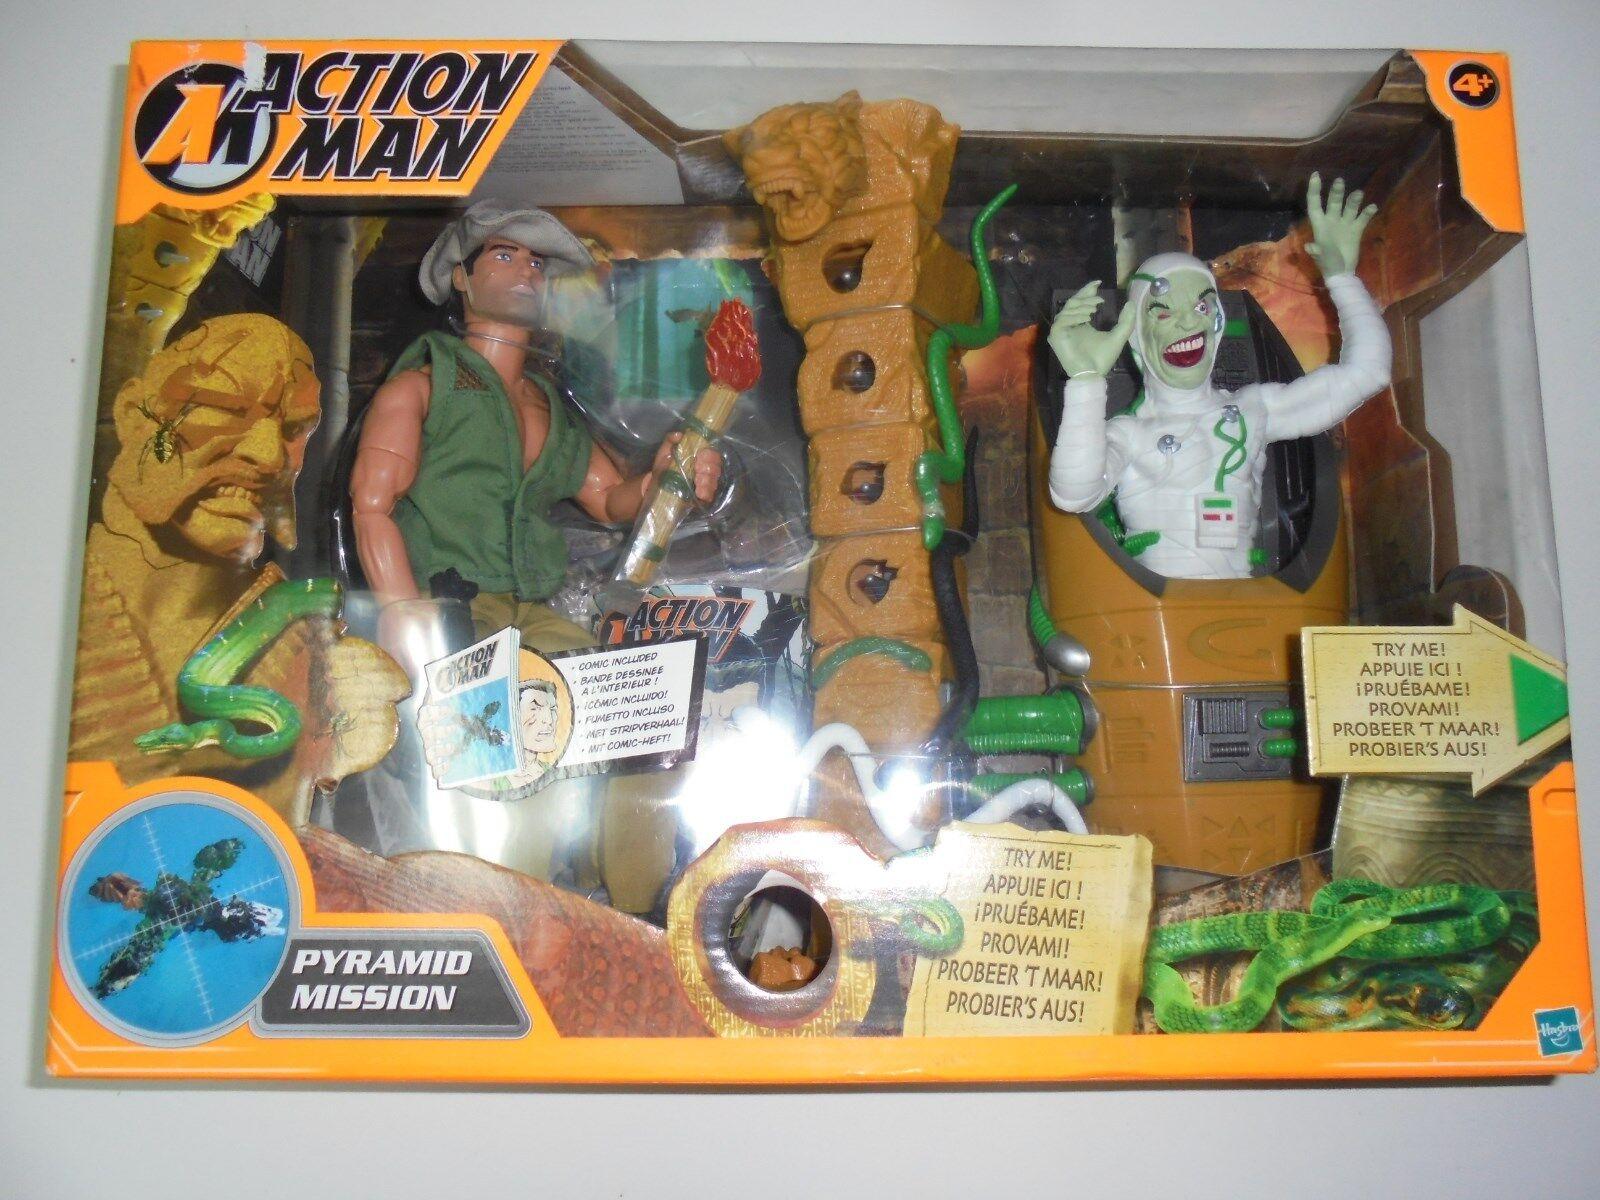 Action MAN missione PIRAMIDE HASBRO 2002 NUOVO-Nuovo di zecca ancora sigillata in scatola la figura